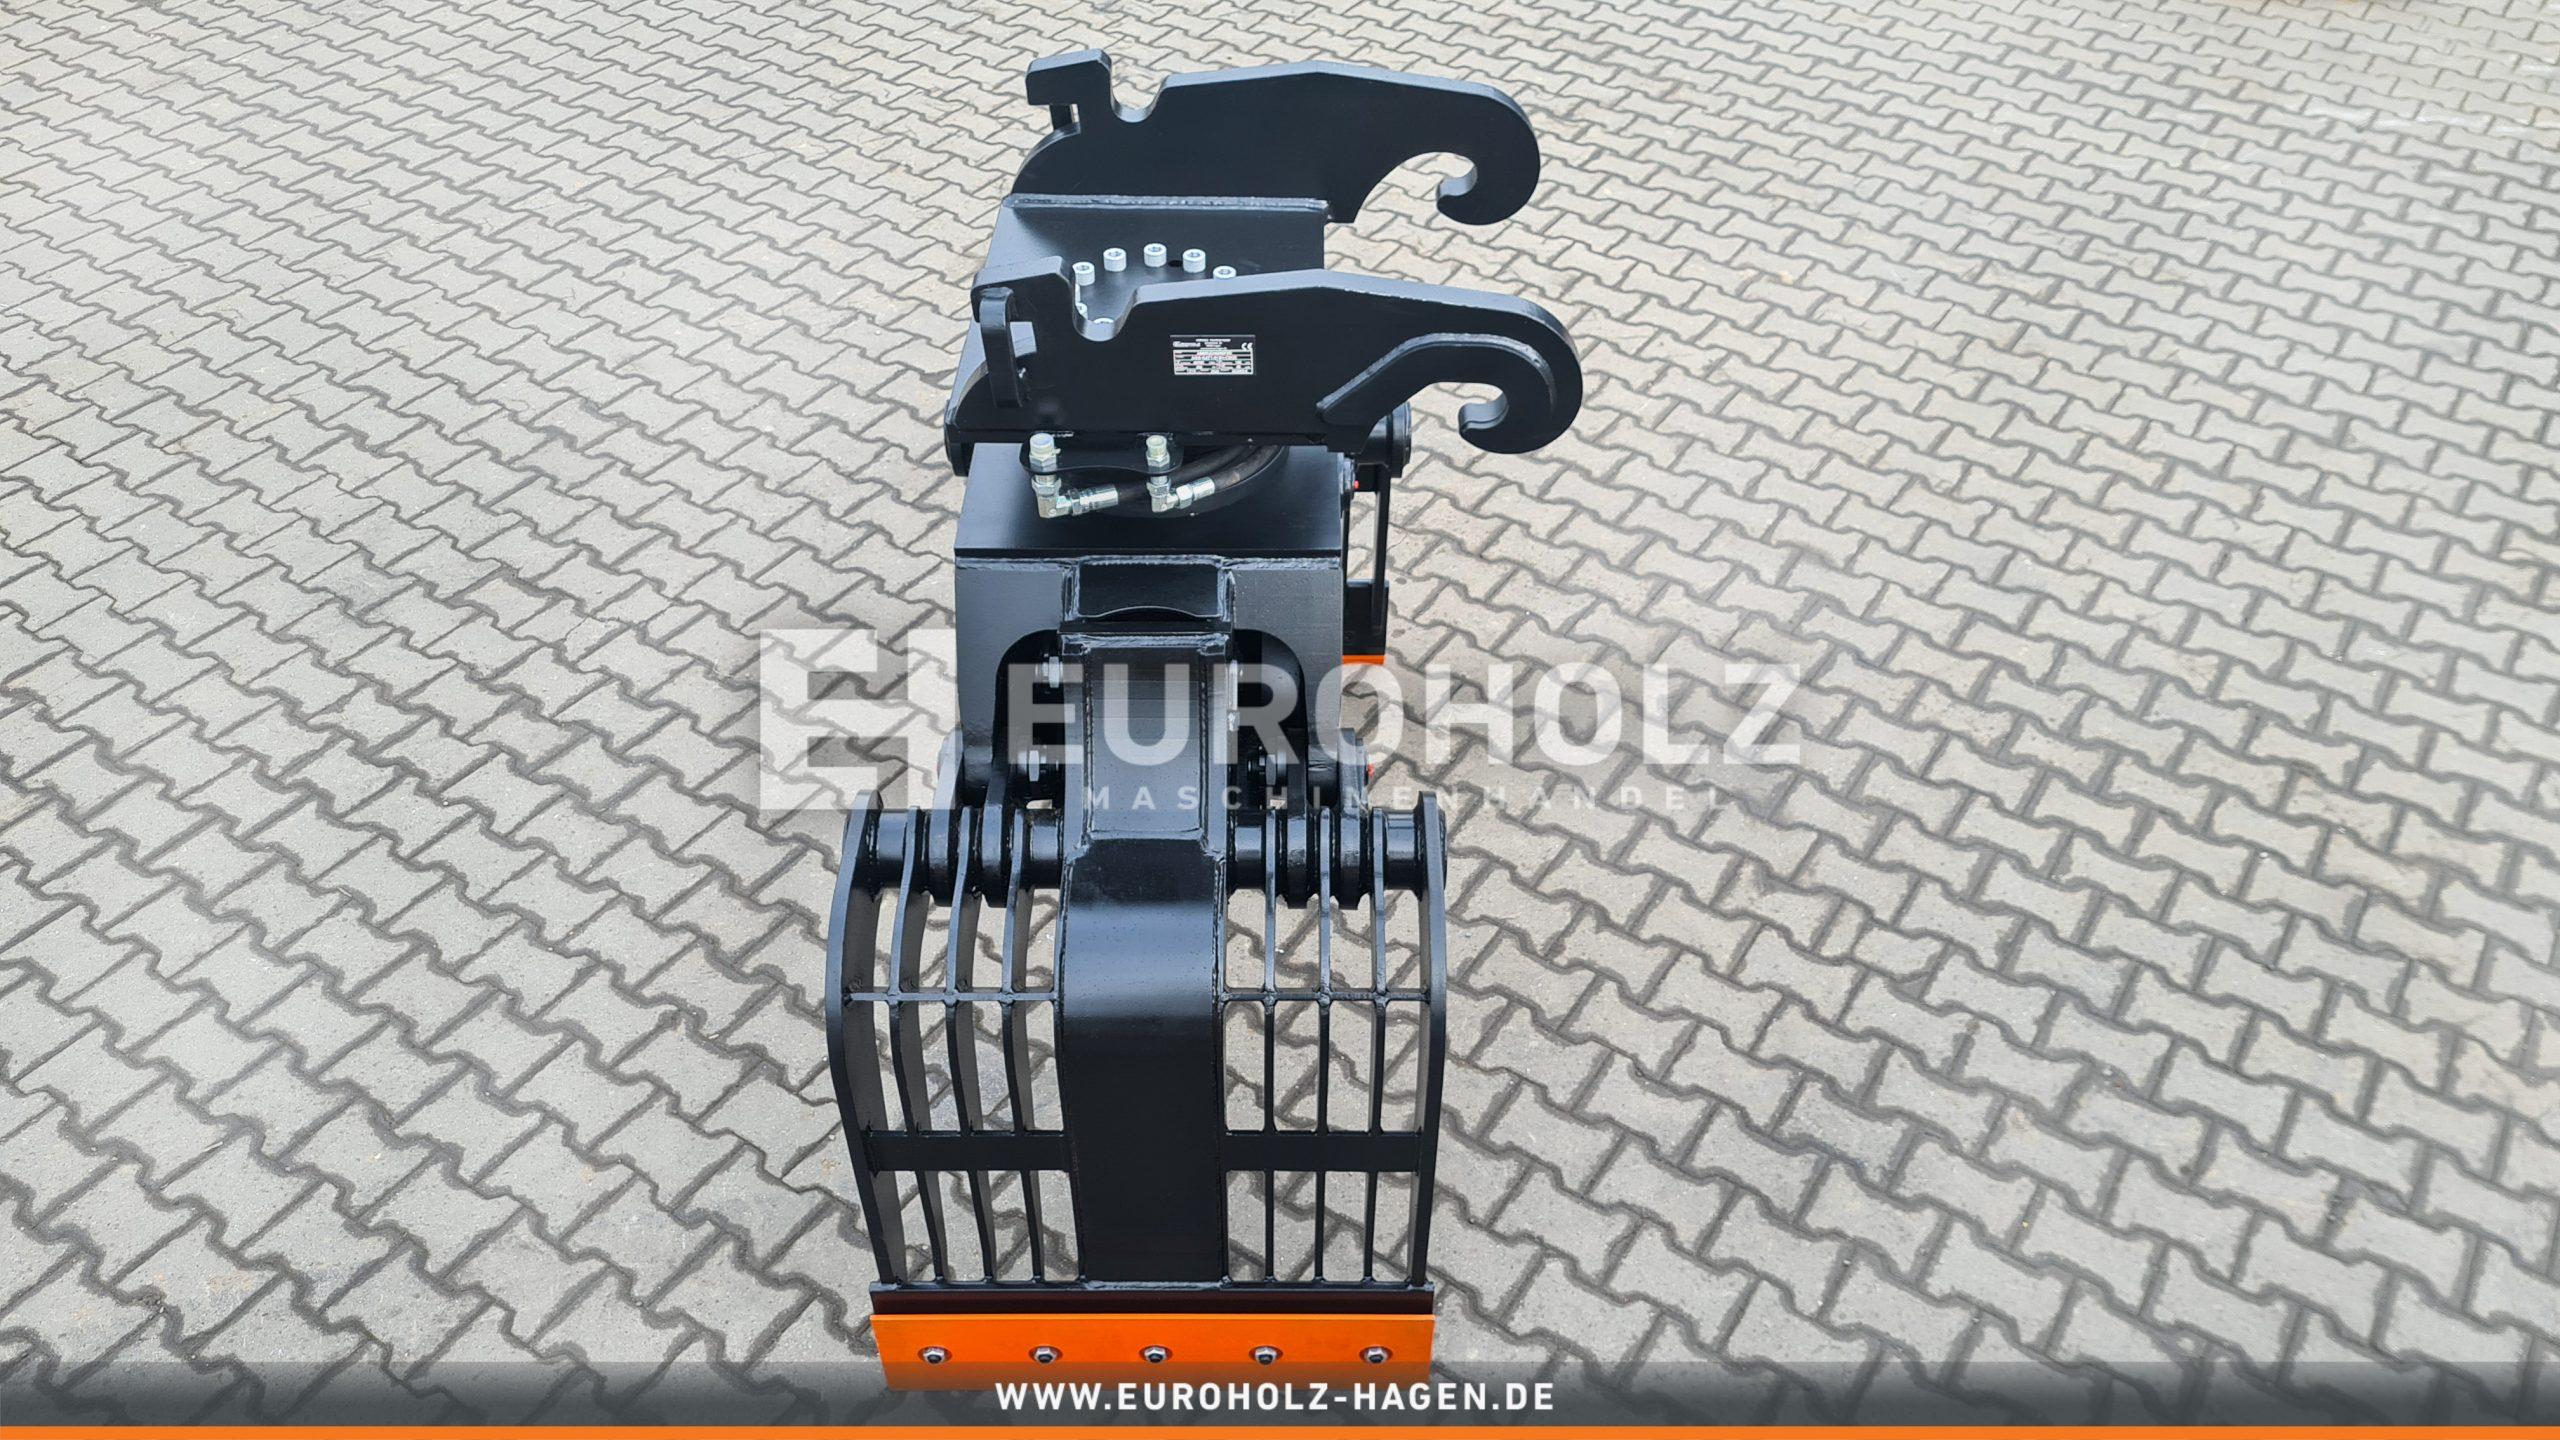 EH Abbruchgreifer mit Rotator Thumm 615H passend für Verachtert CW20 / Kat. 1G